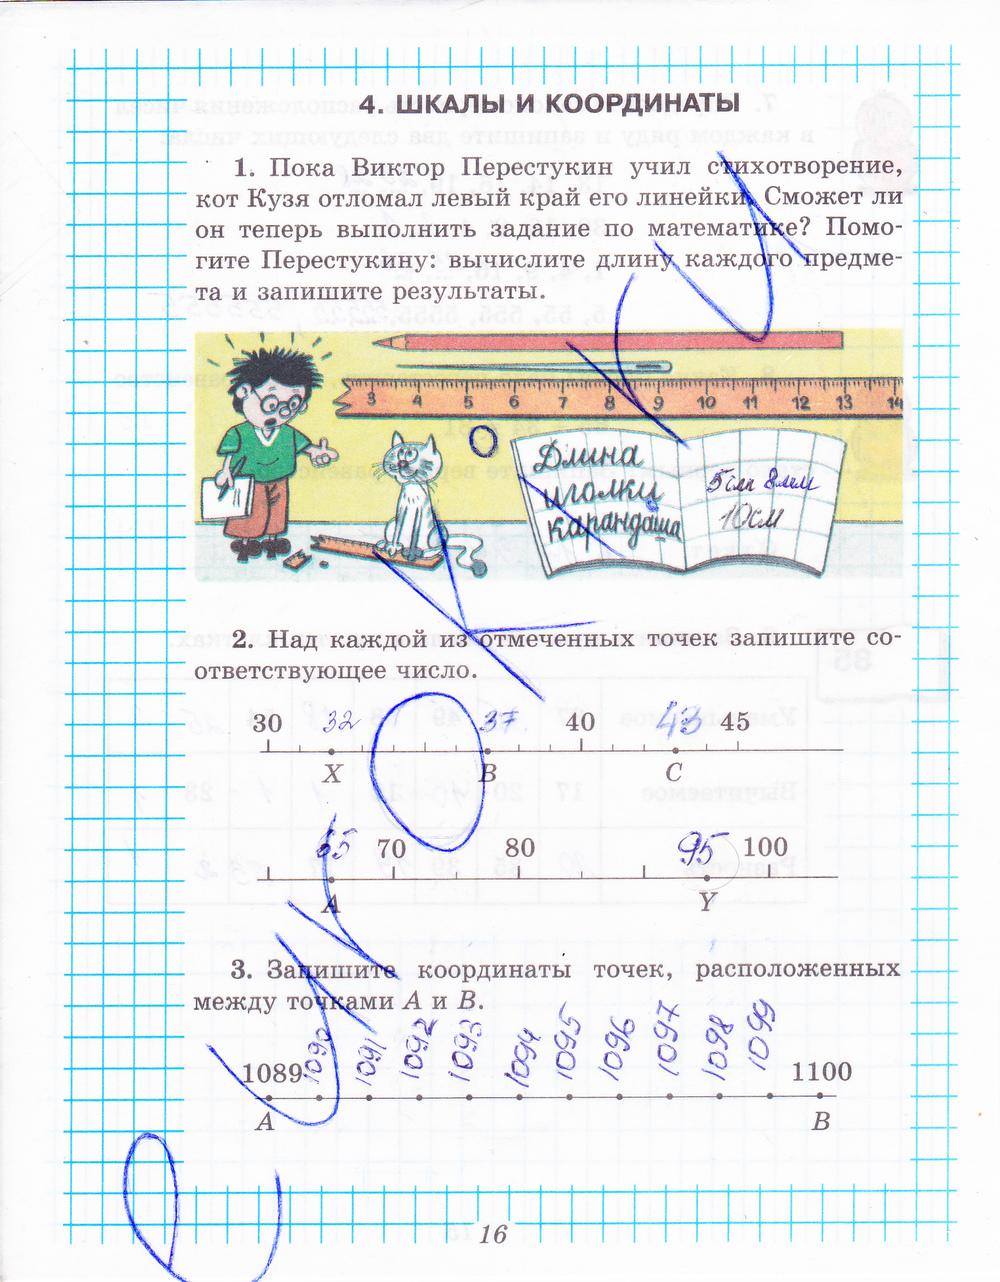 ГДЗ по математике 5 класс рабочая тетрадь Рудницкая Часть 1, 2. Задание: стр. 16